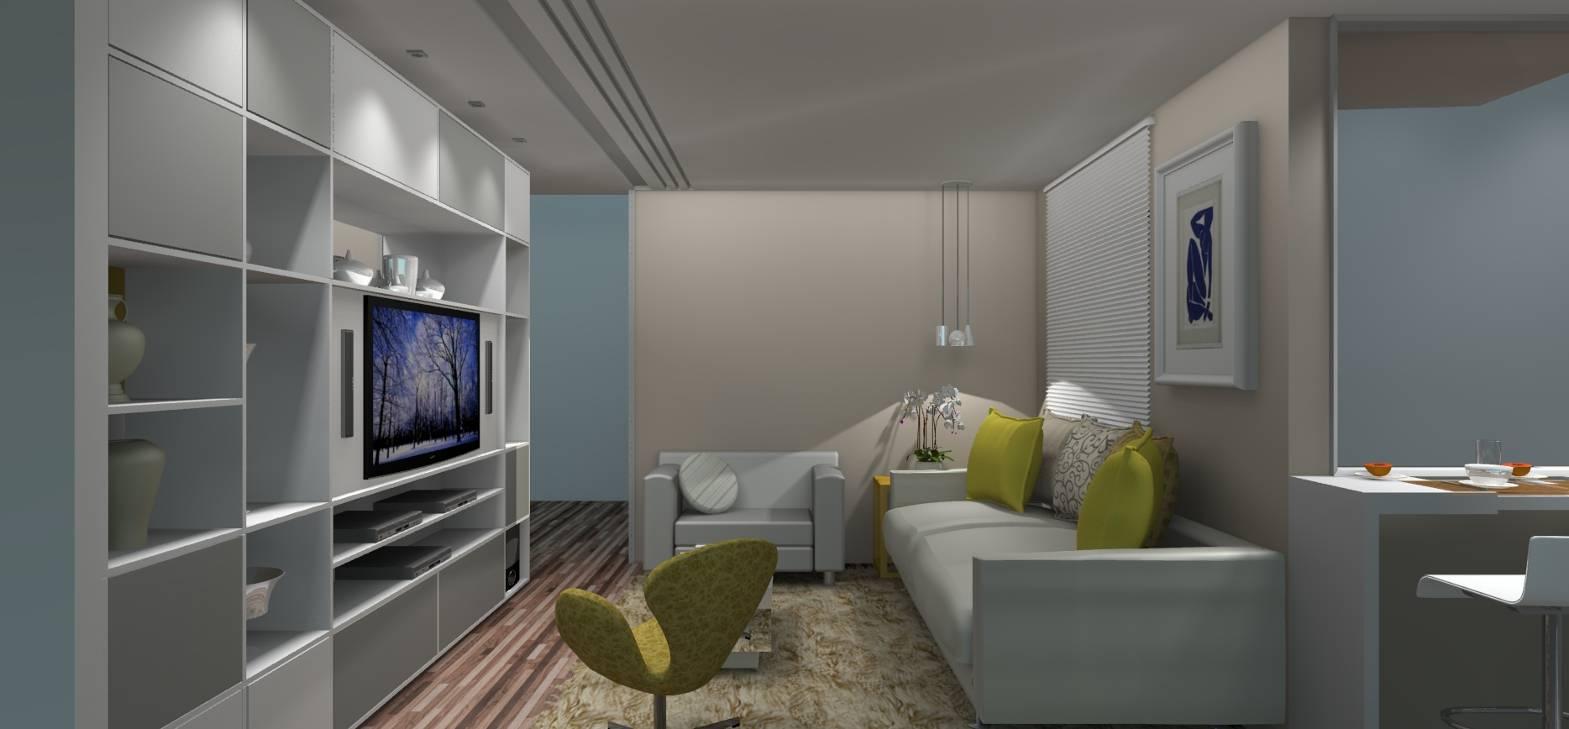 Apartamento com ambiente confortável, prático e belo.